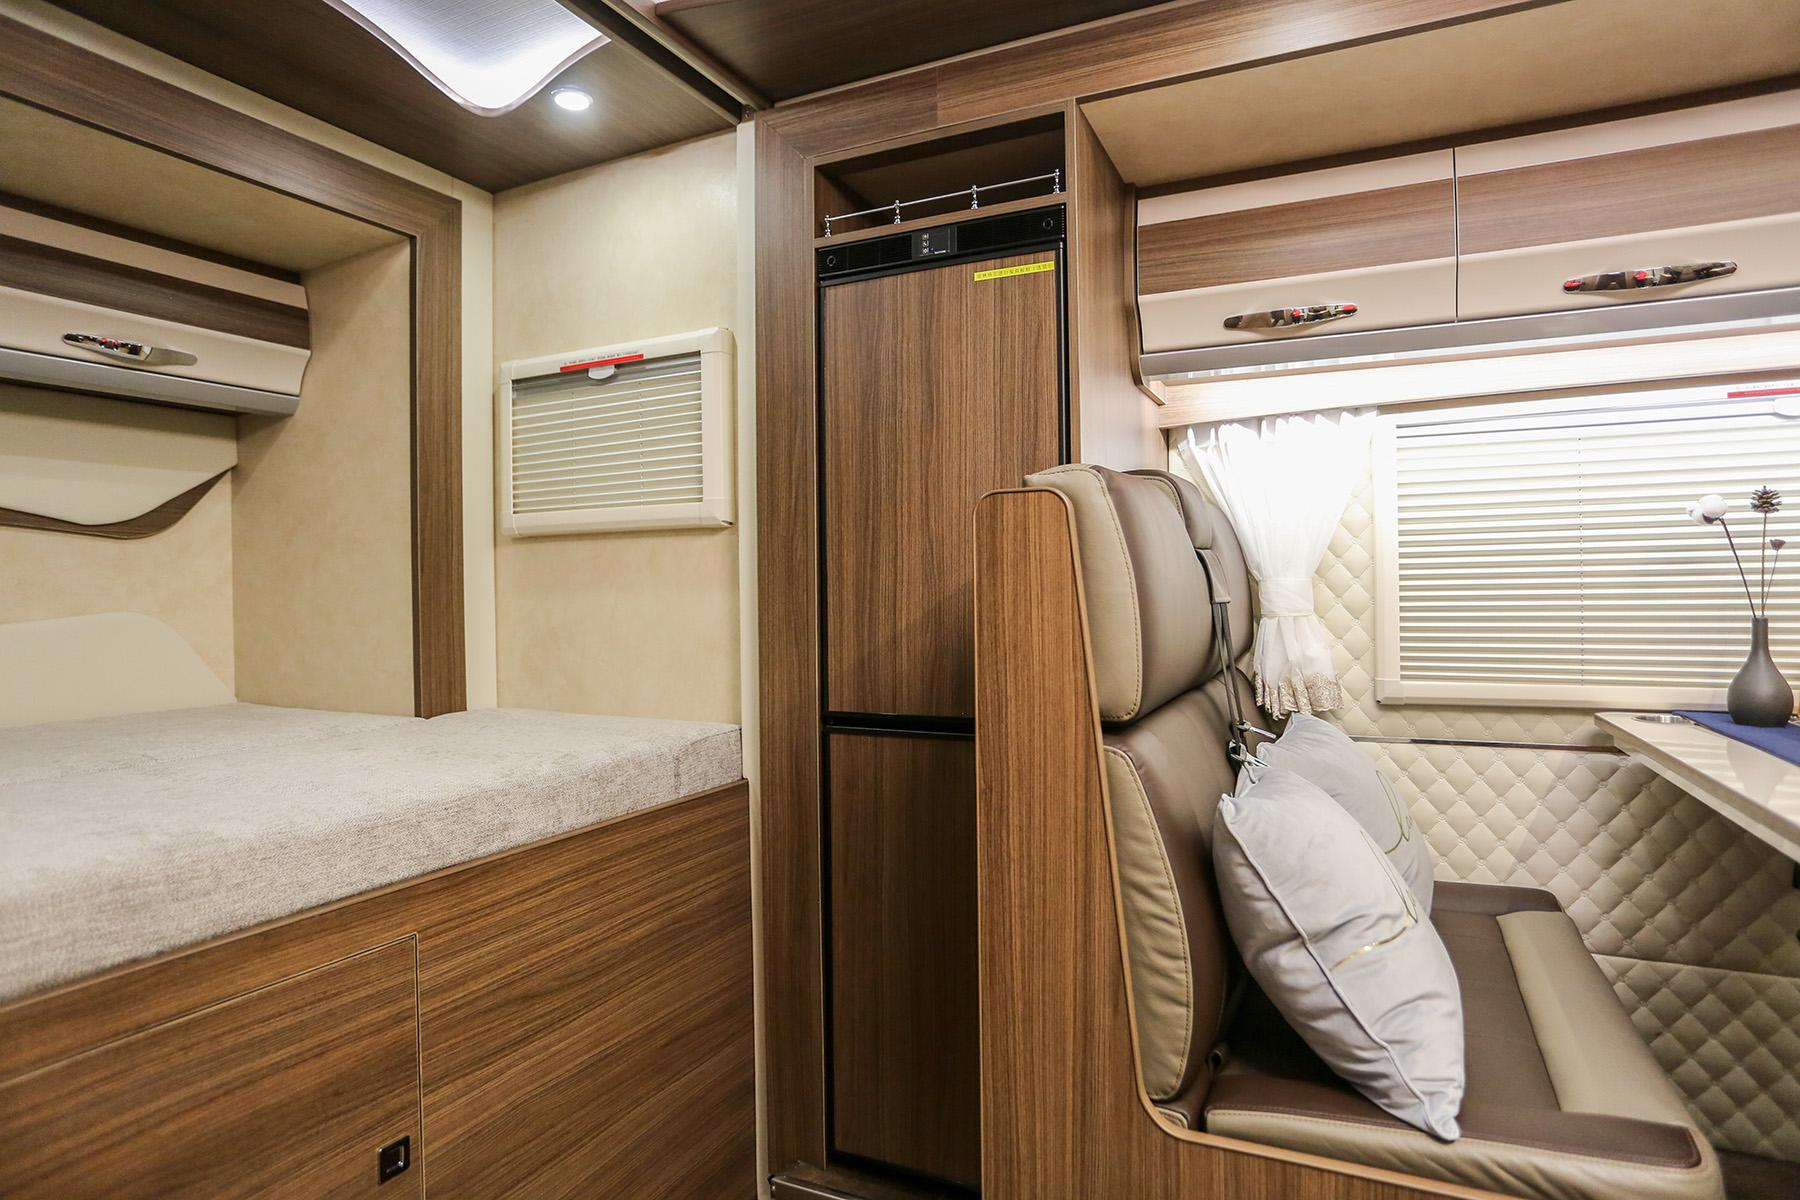 据说高端房车喜欢用这款冰箱!实拍赛特福德T1156冰箱